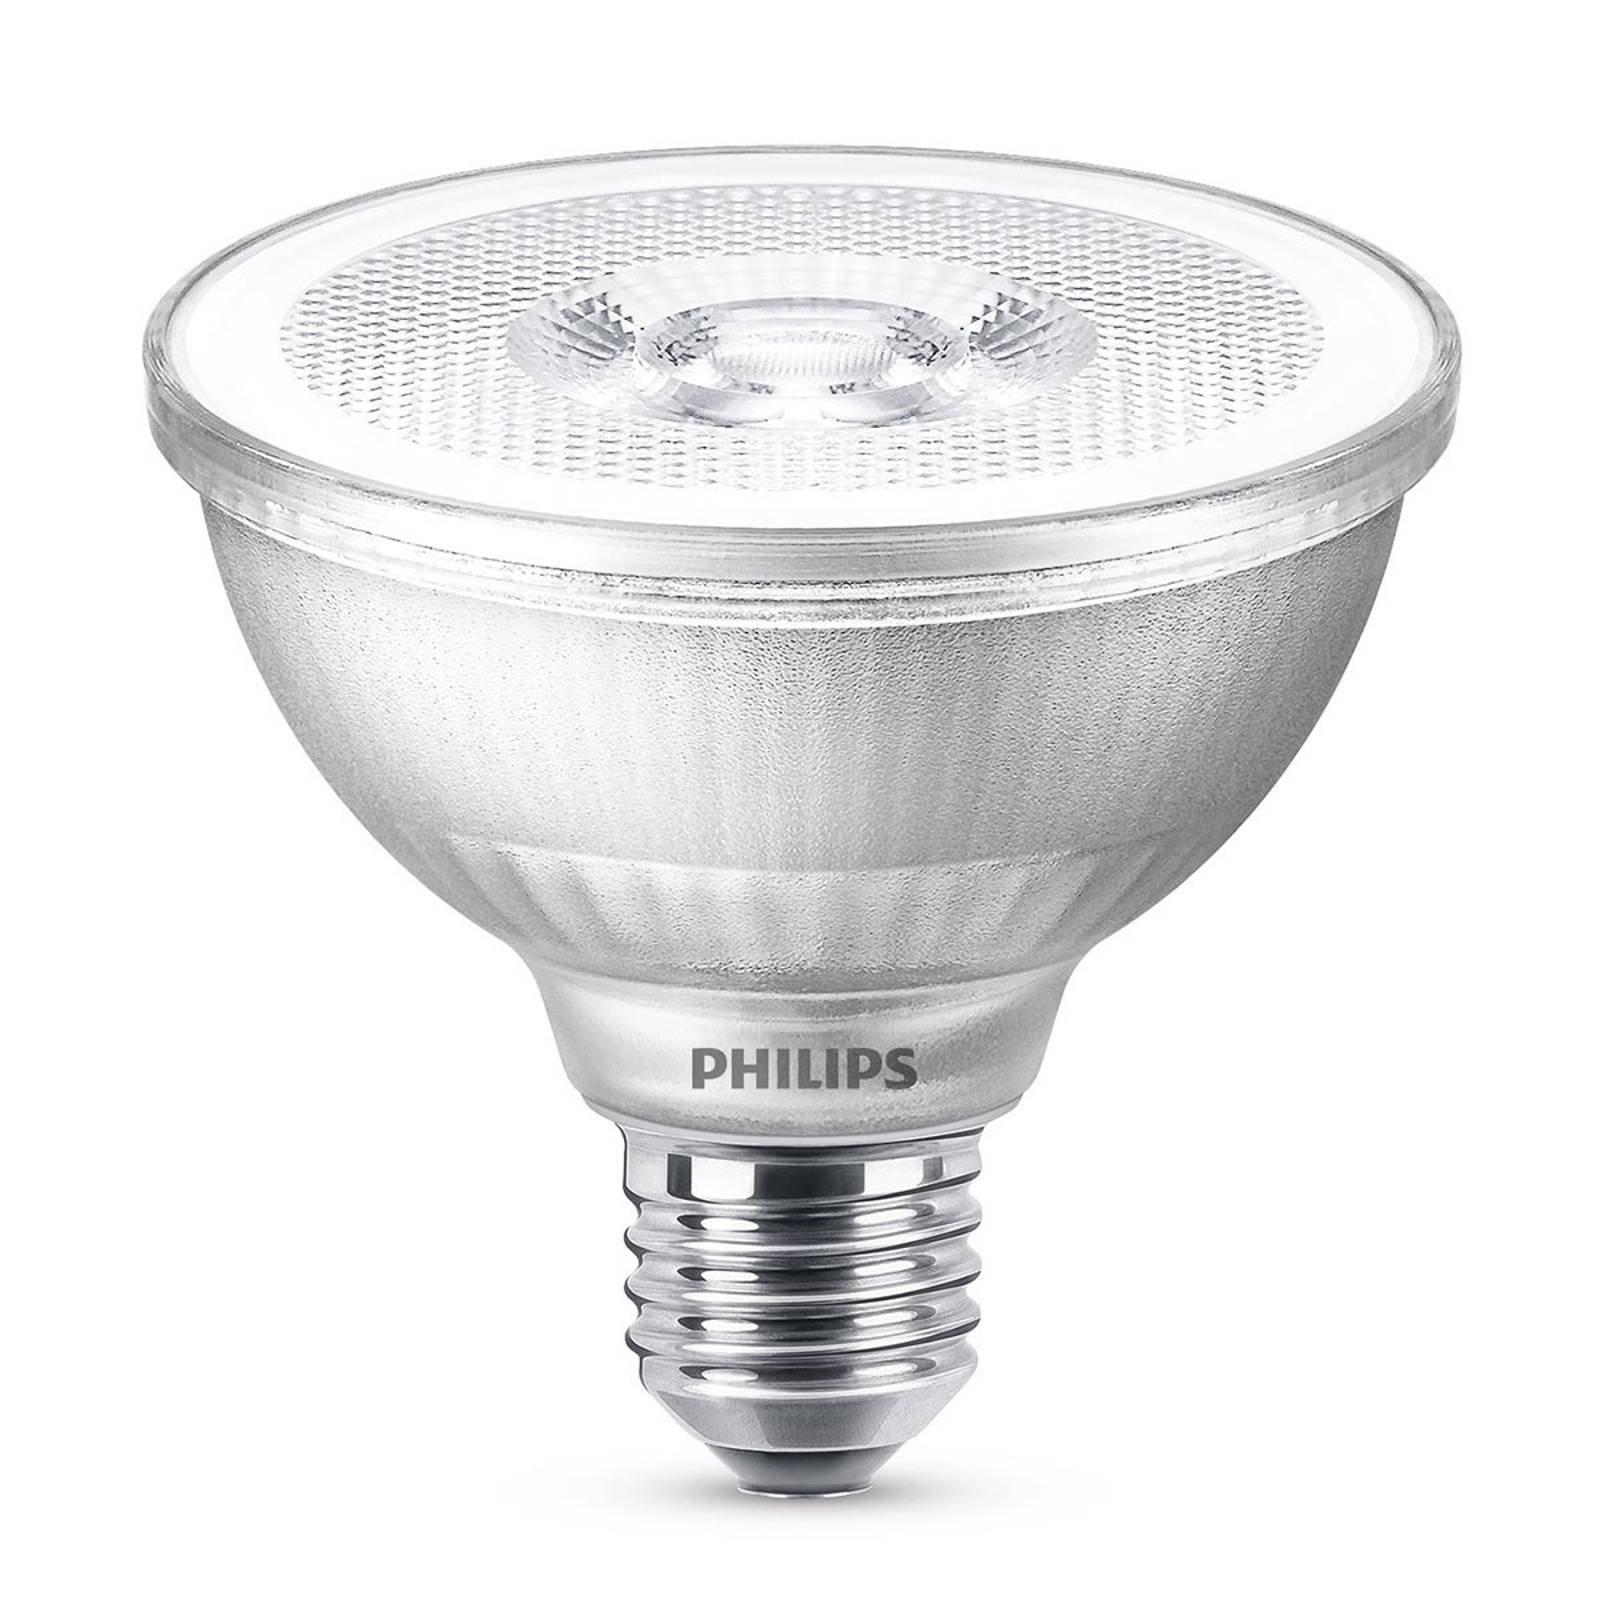 LED-reflektor PAR30S E27 9,5W, varmhvit, dimbar